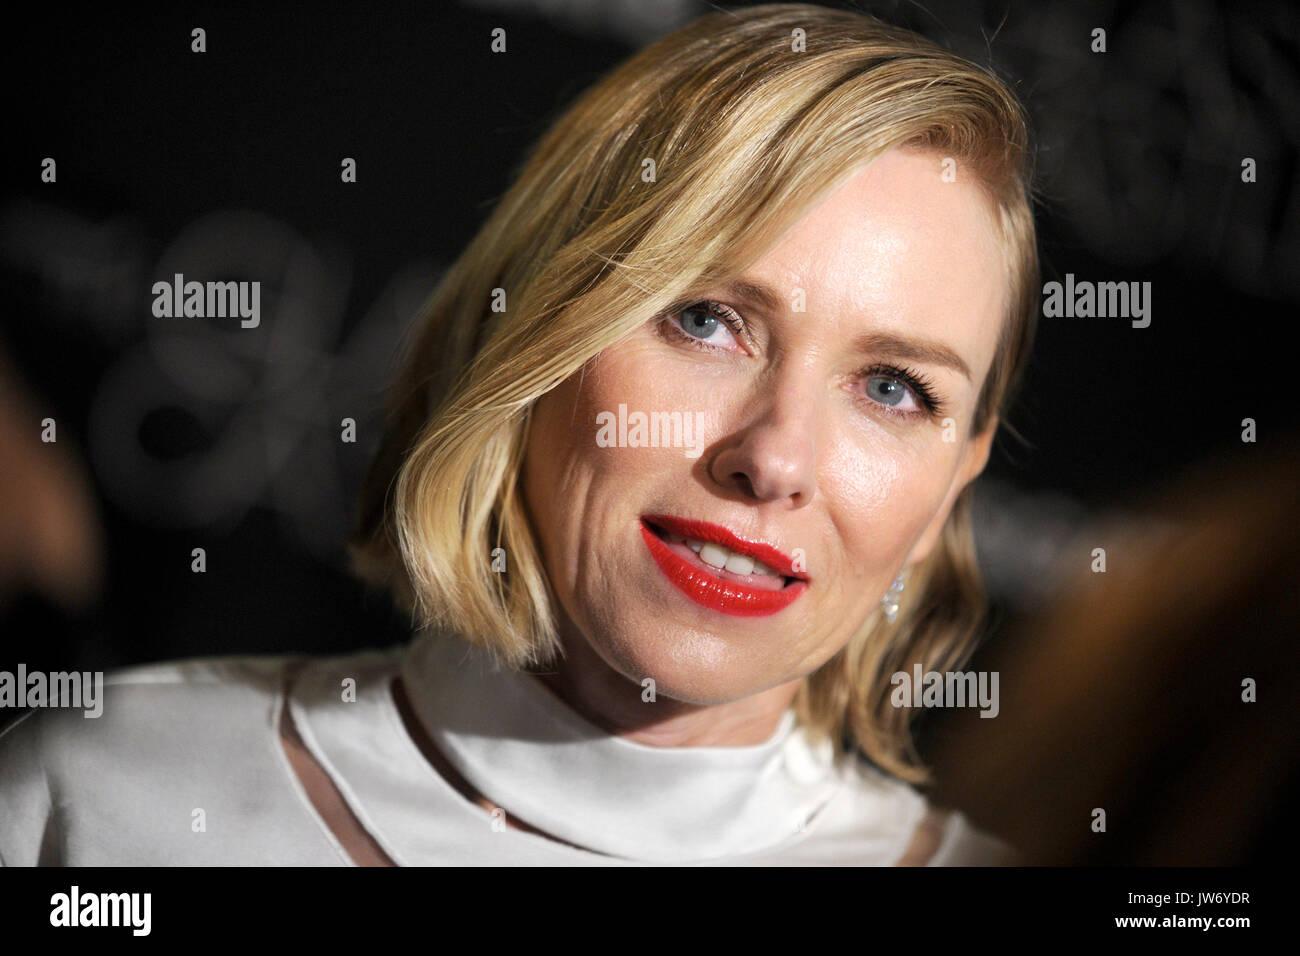 """Naomi Watts atiende """"el castillo de cristal"""" se proyectará en Nueva York sva theater el 9 de agosto de 2017 en la ciudad de Nueva York. Imagen De Stock"""